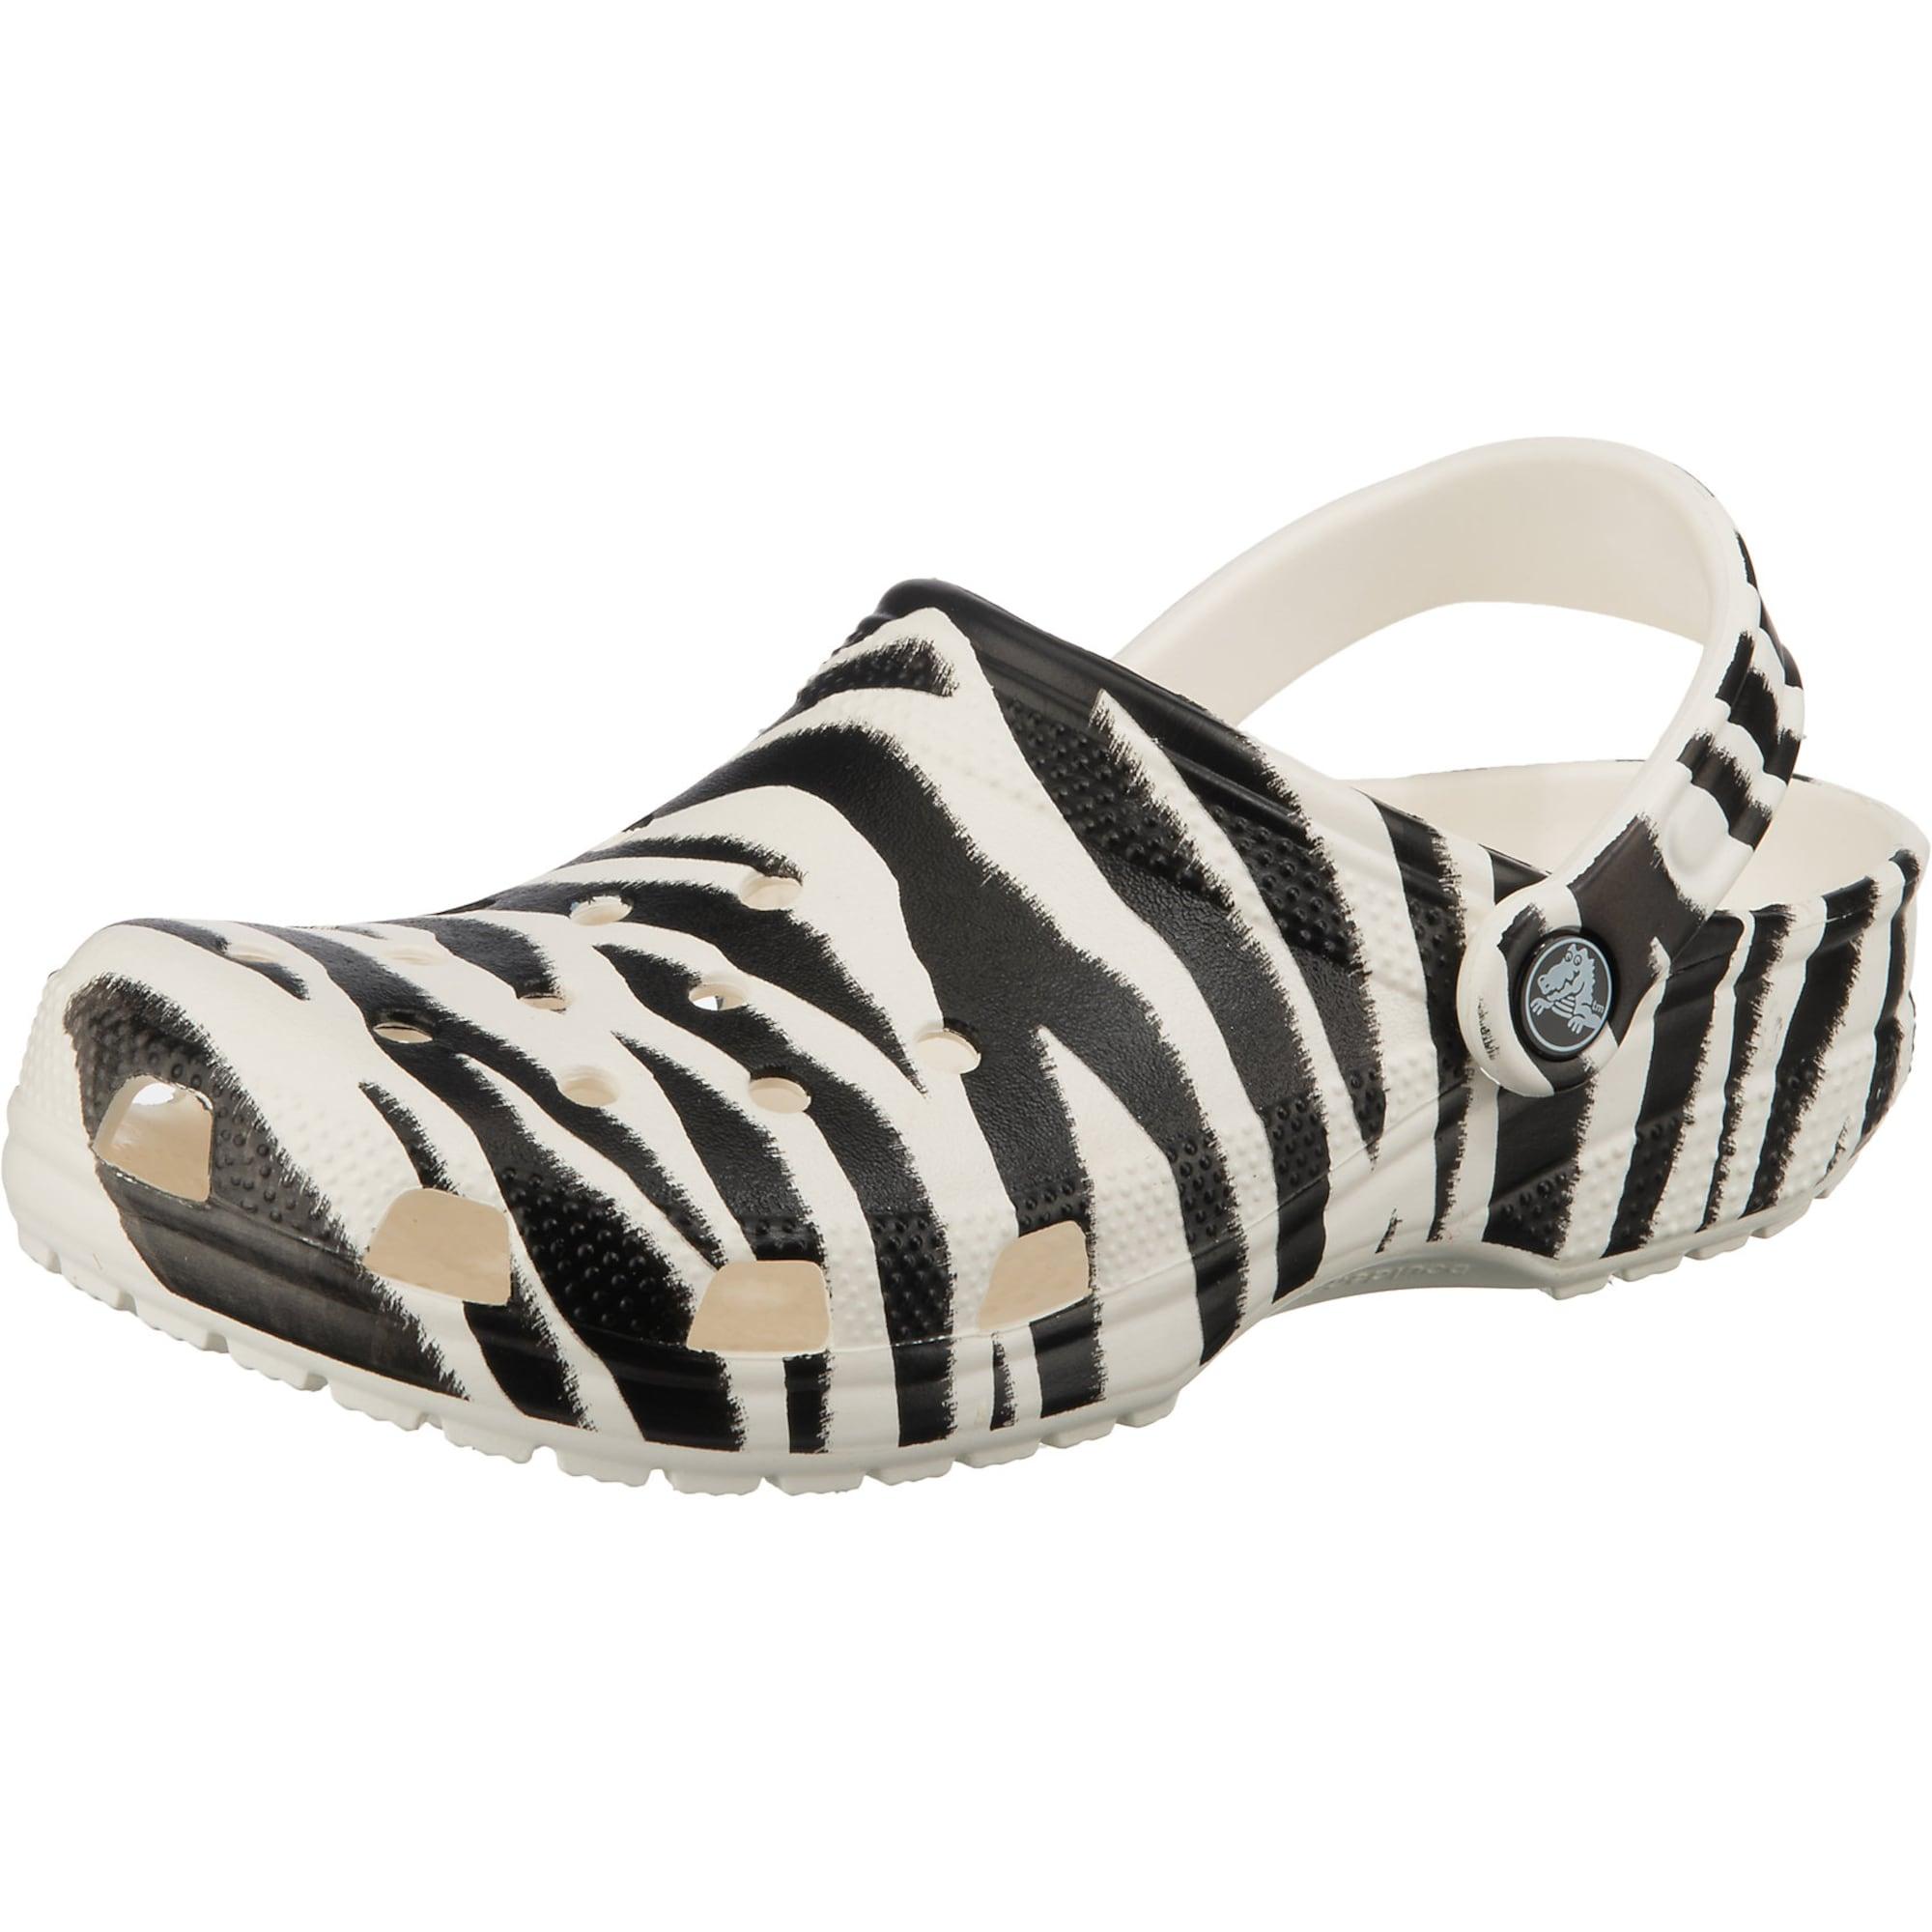 Crocs Sabots  - Blanc, Noir - Taille: 42-43 - male